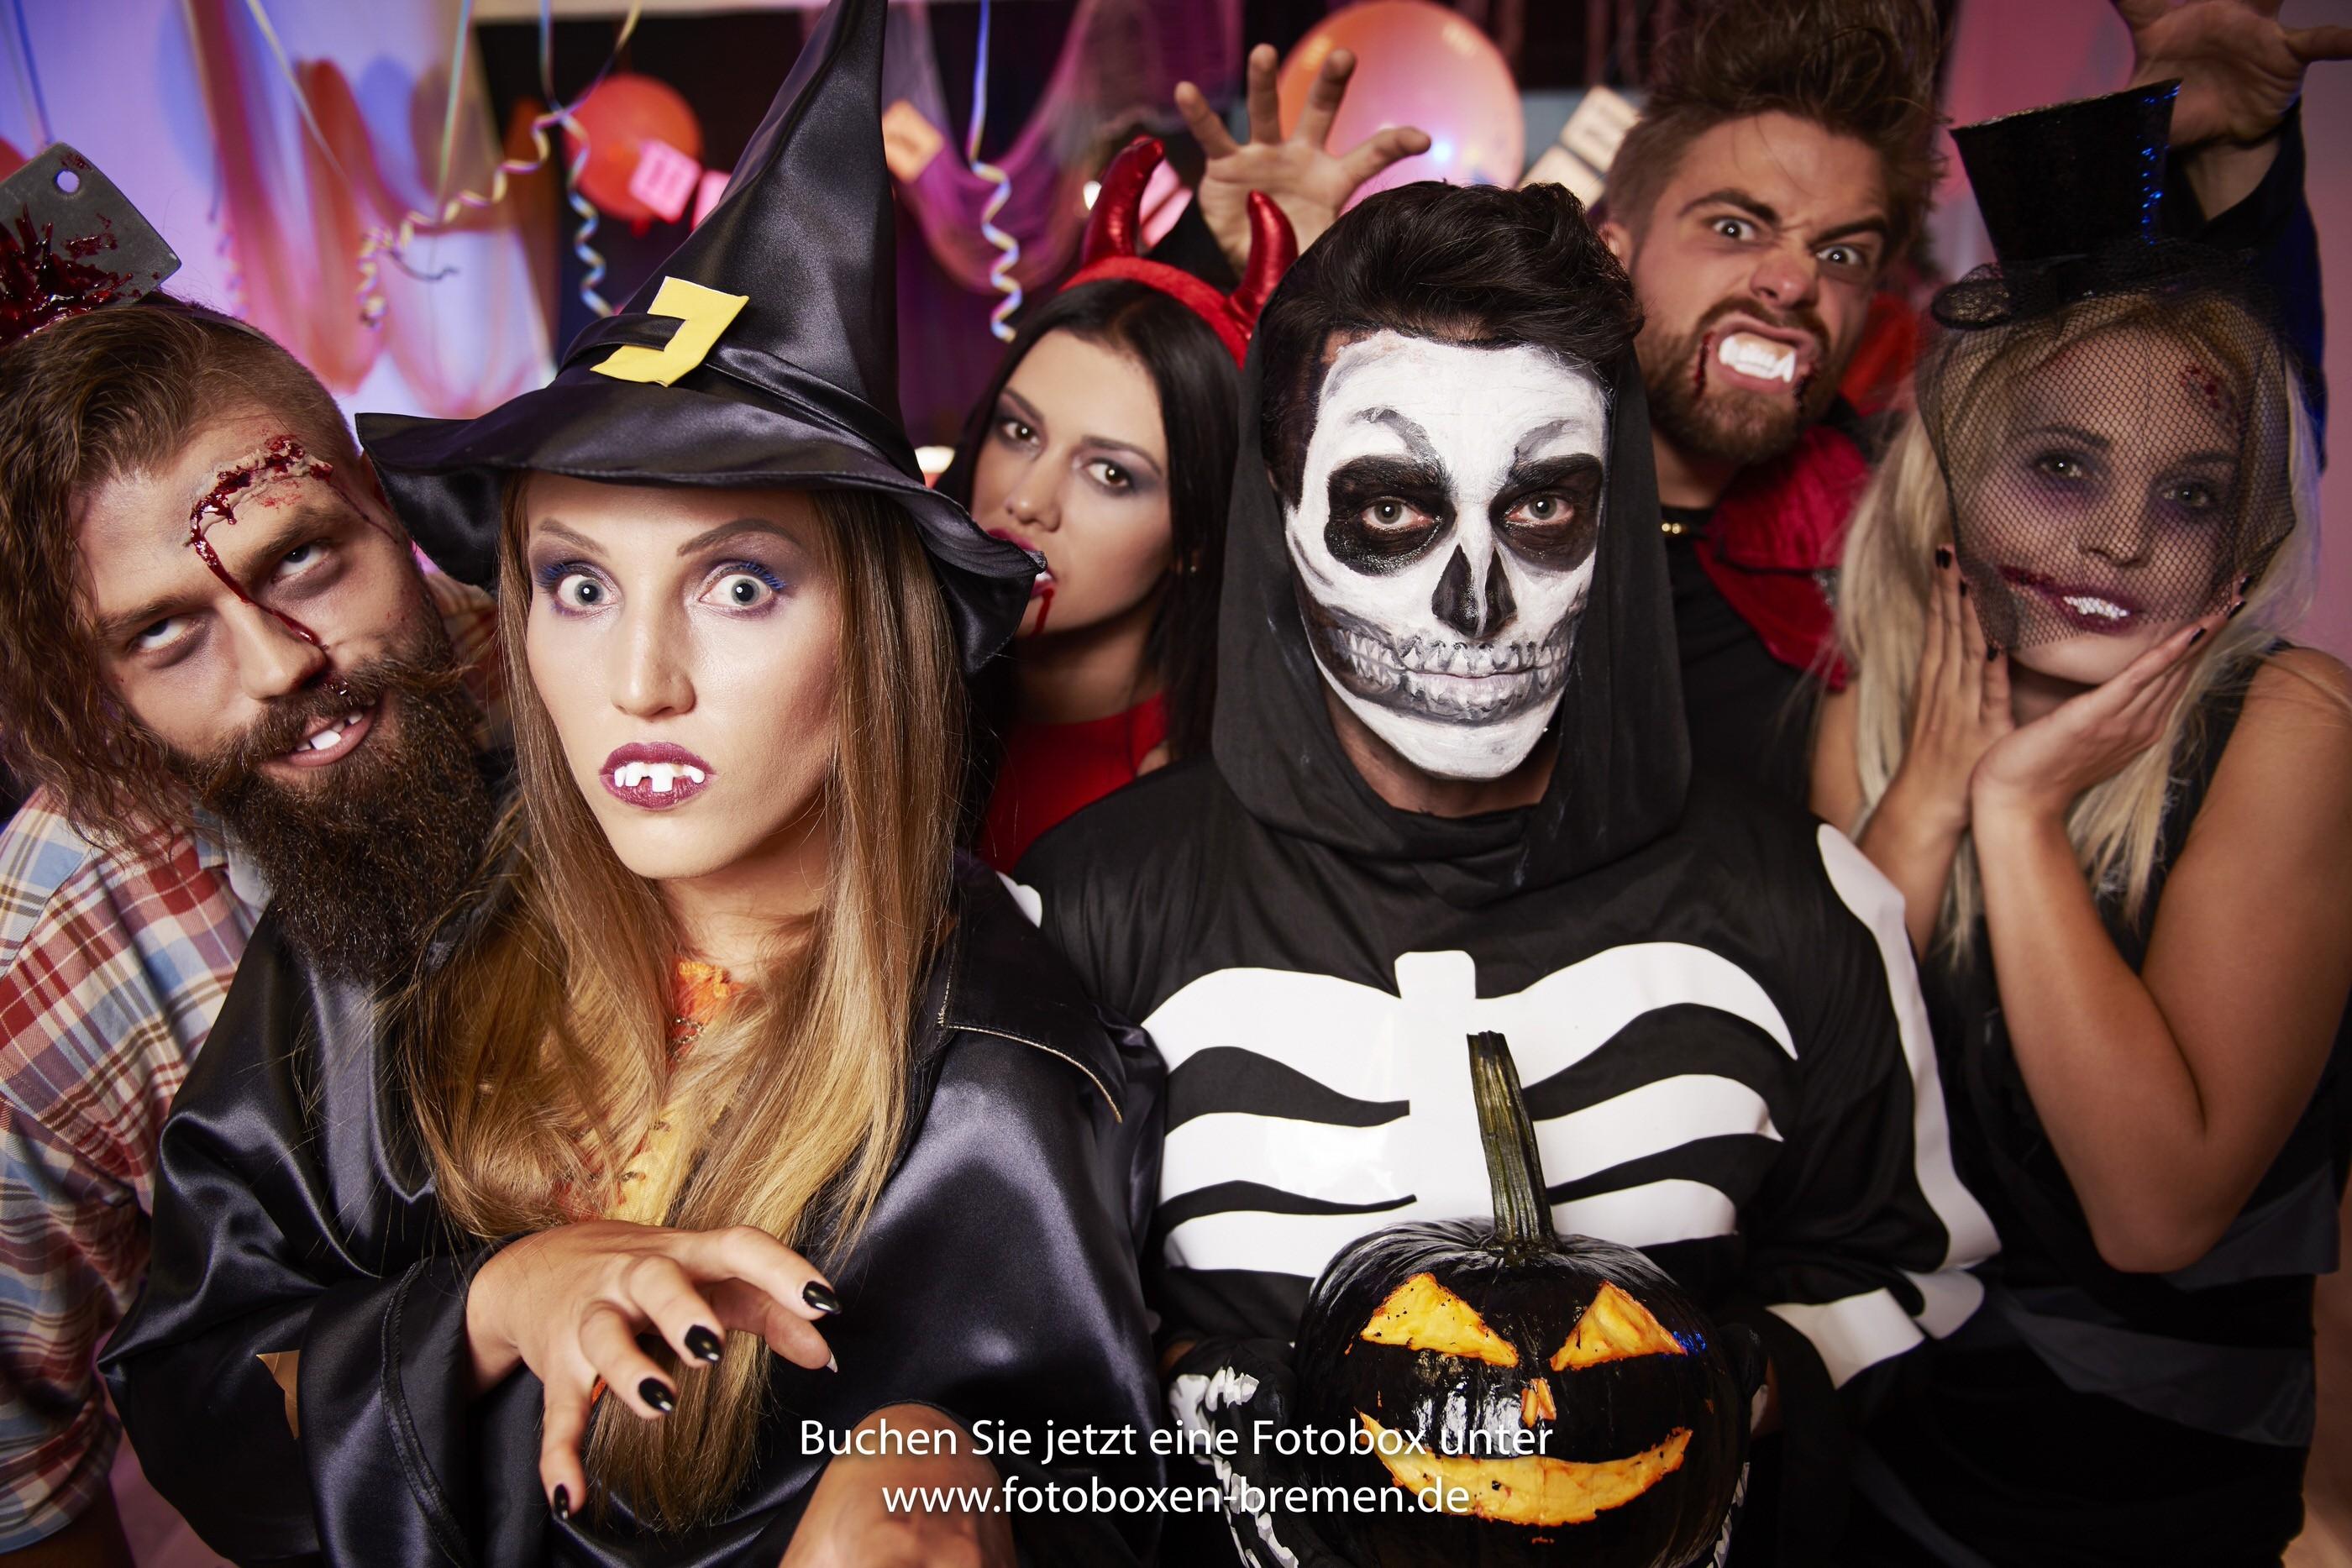 Mehrere Leute fotografieren sich in Kostümen auf der Halloween Party vor einer Fotobox